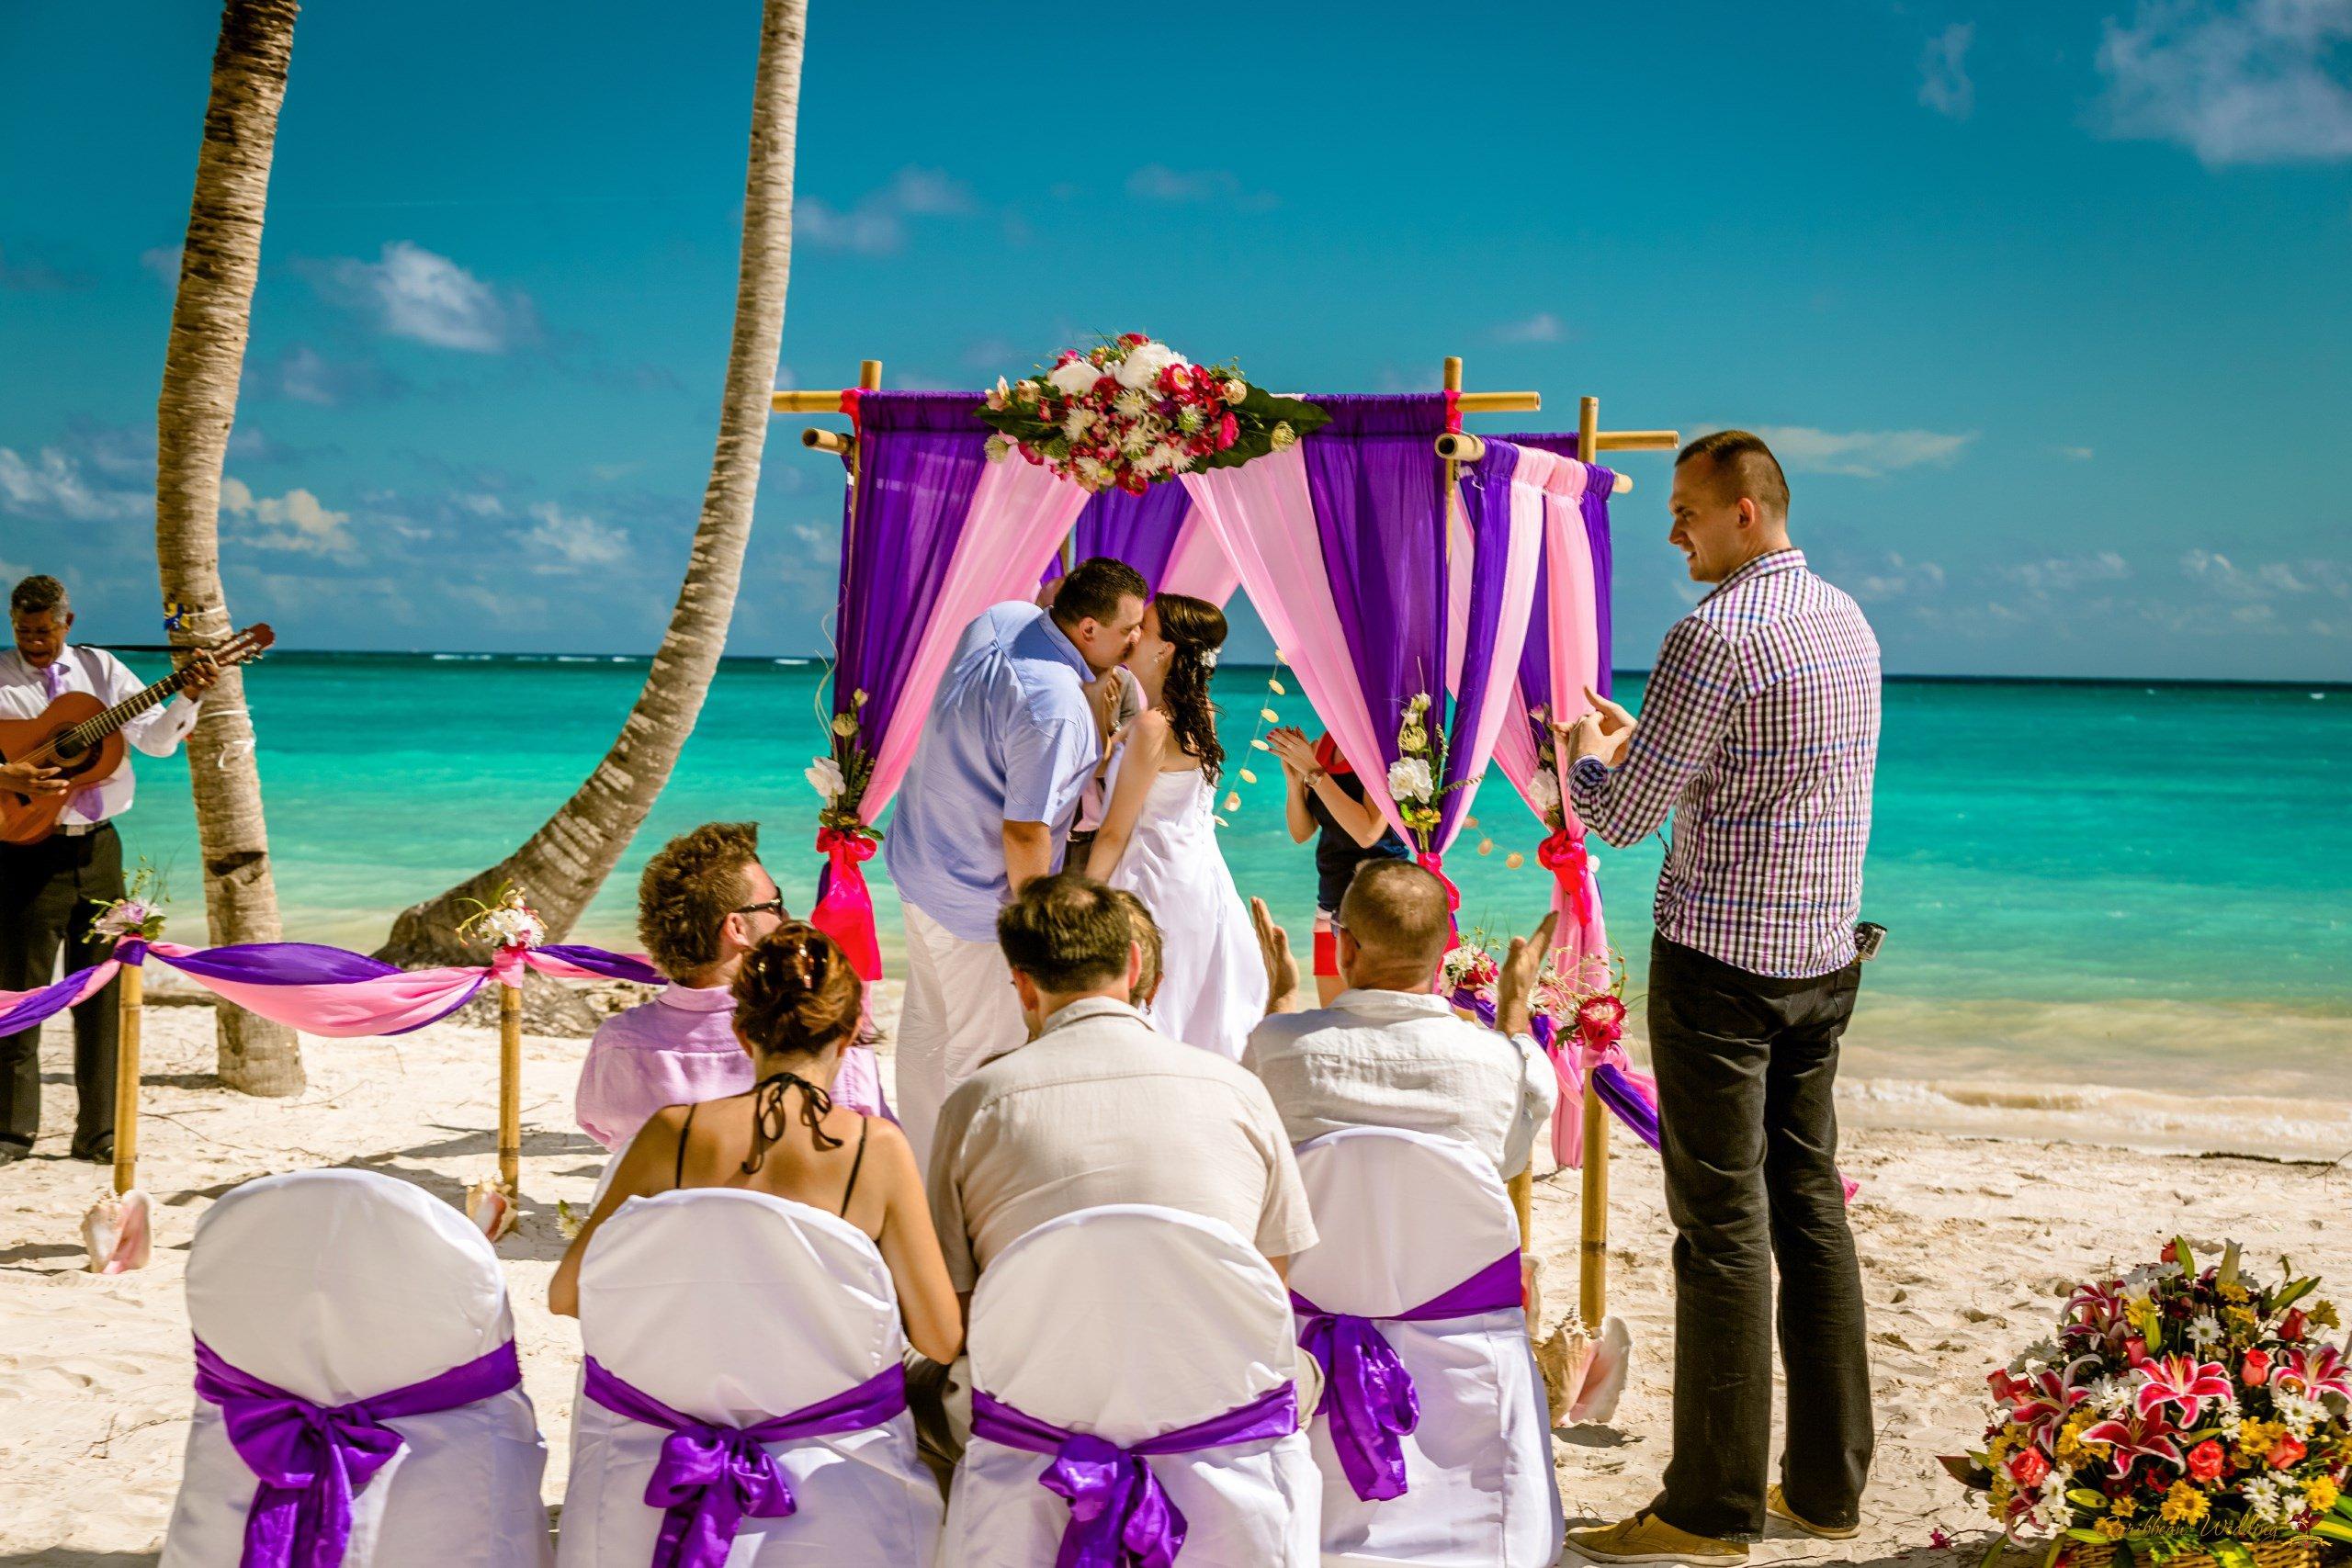 Фото свадебной церемонии на пляже